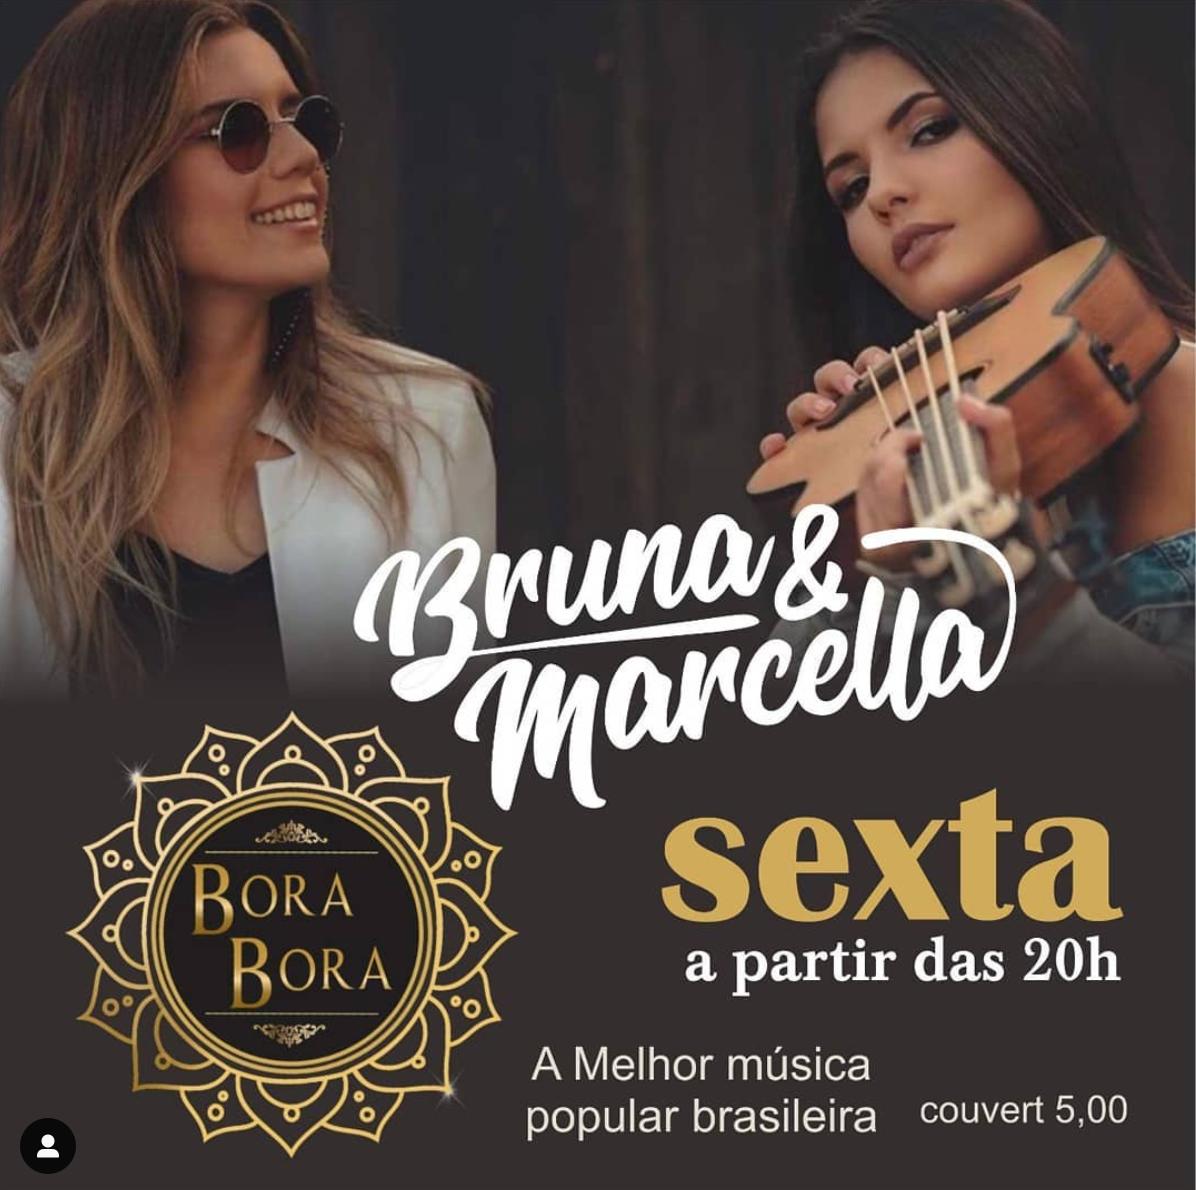 Venha ver Bruna & Marcella no Bora Bora